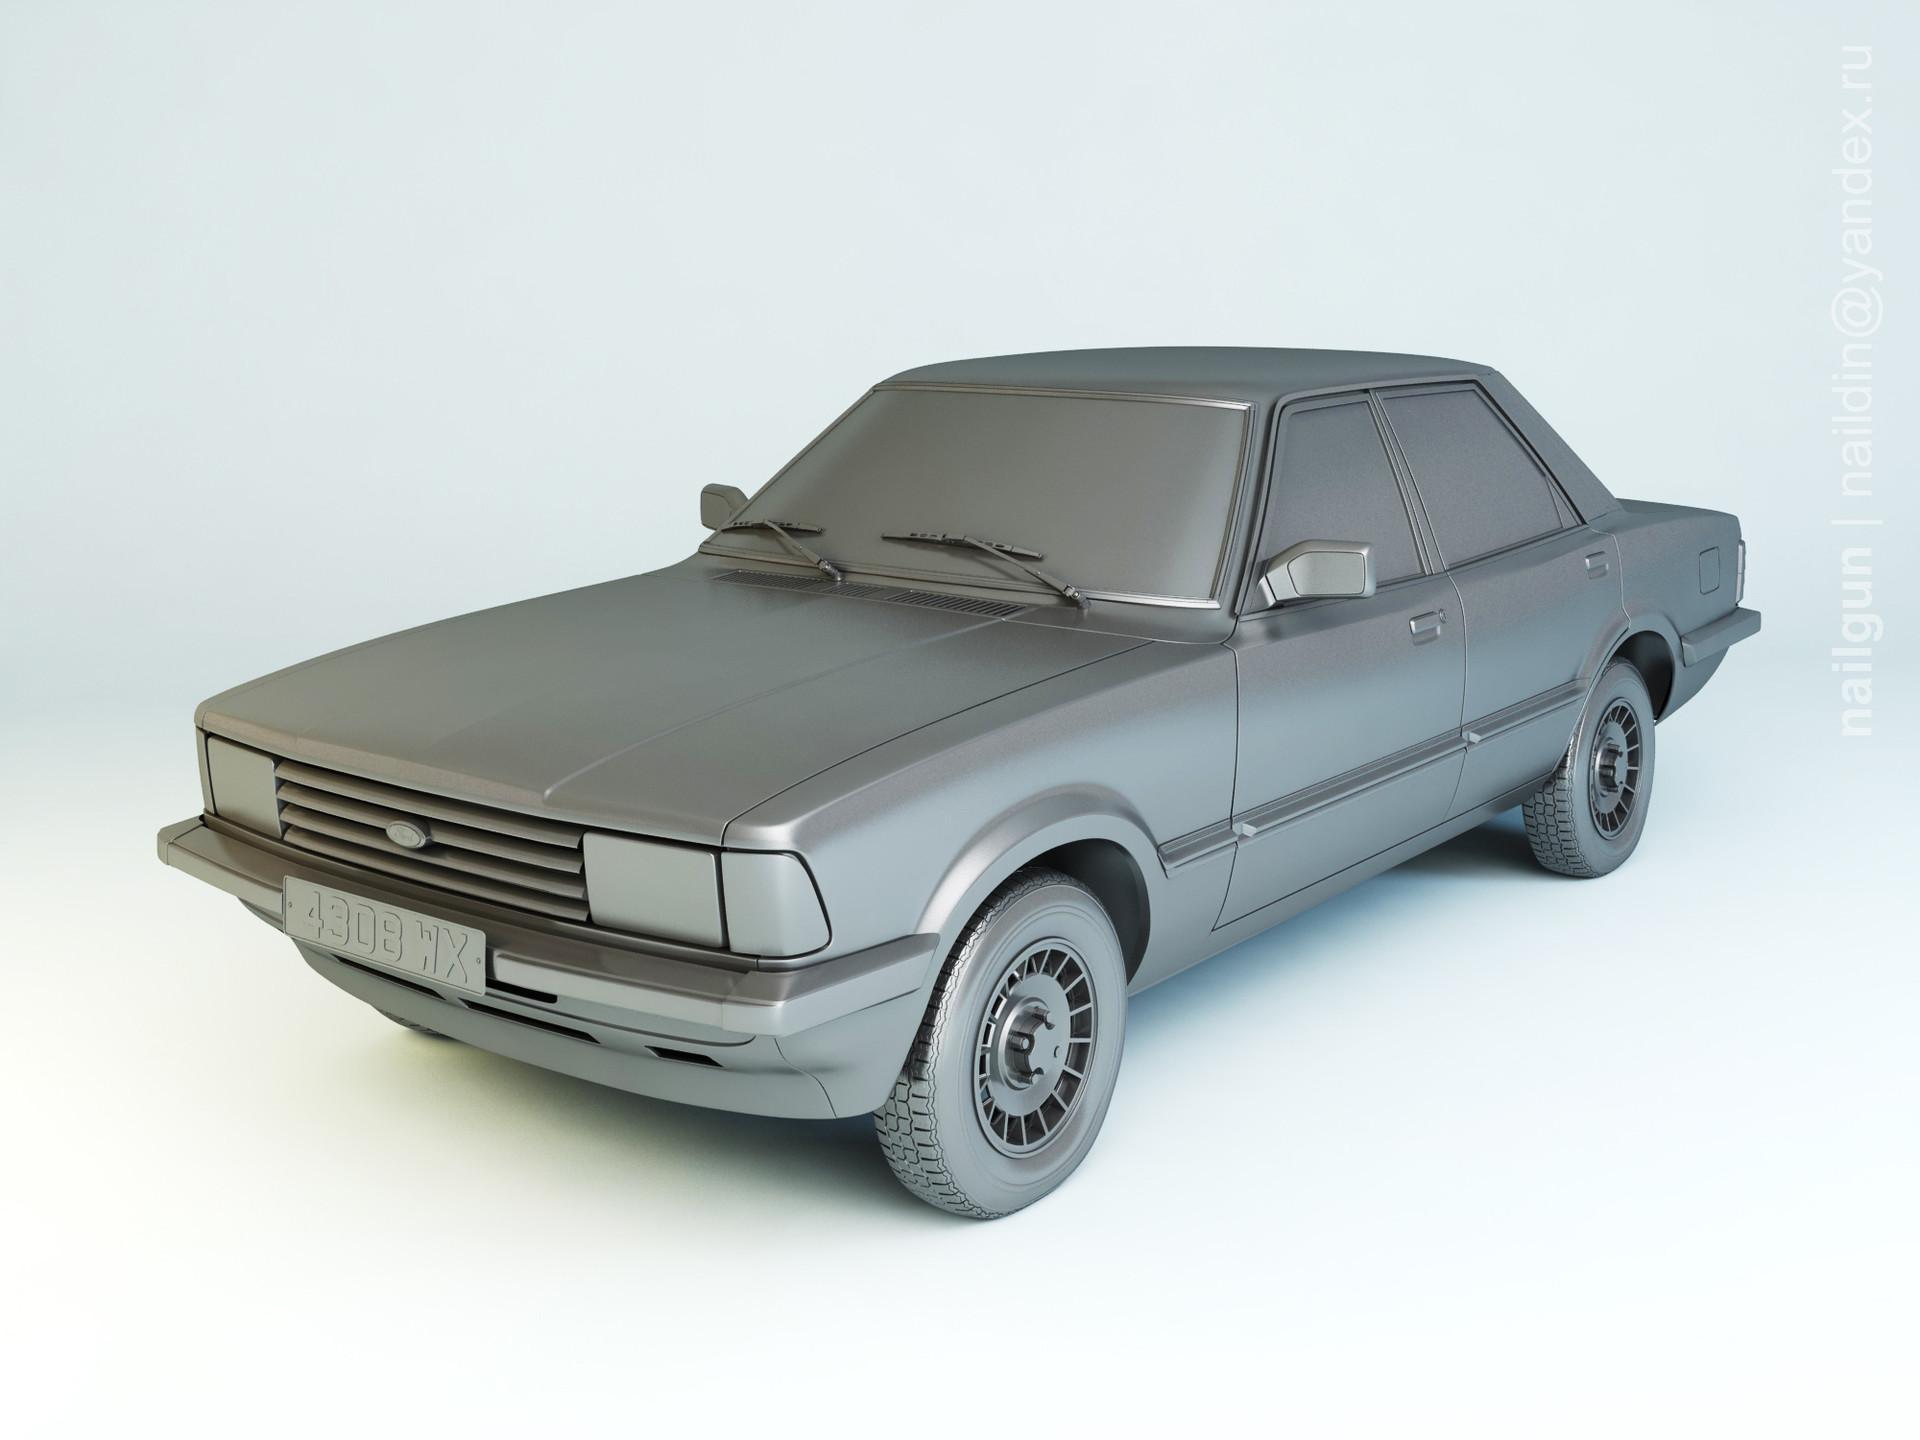 Nail khusnutdinov pwc 031 005 ford taunus tc3 modelling 0